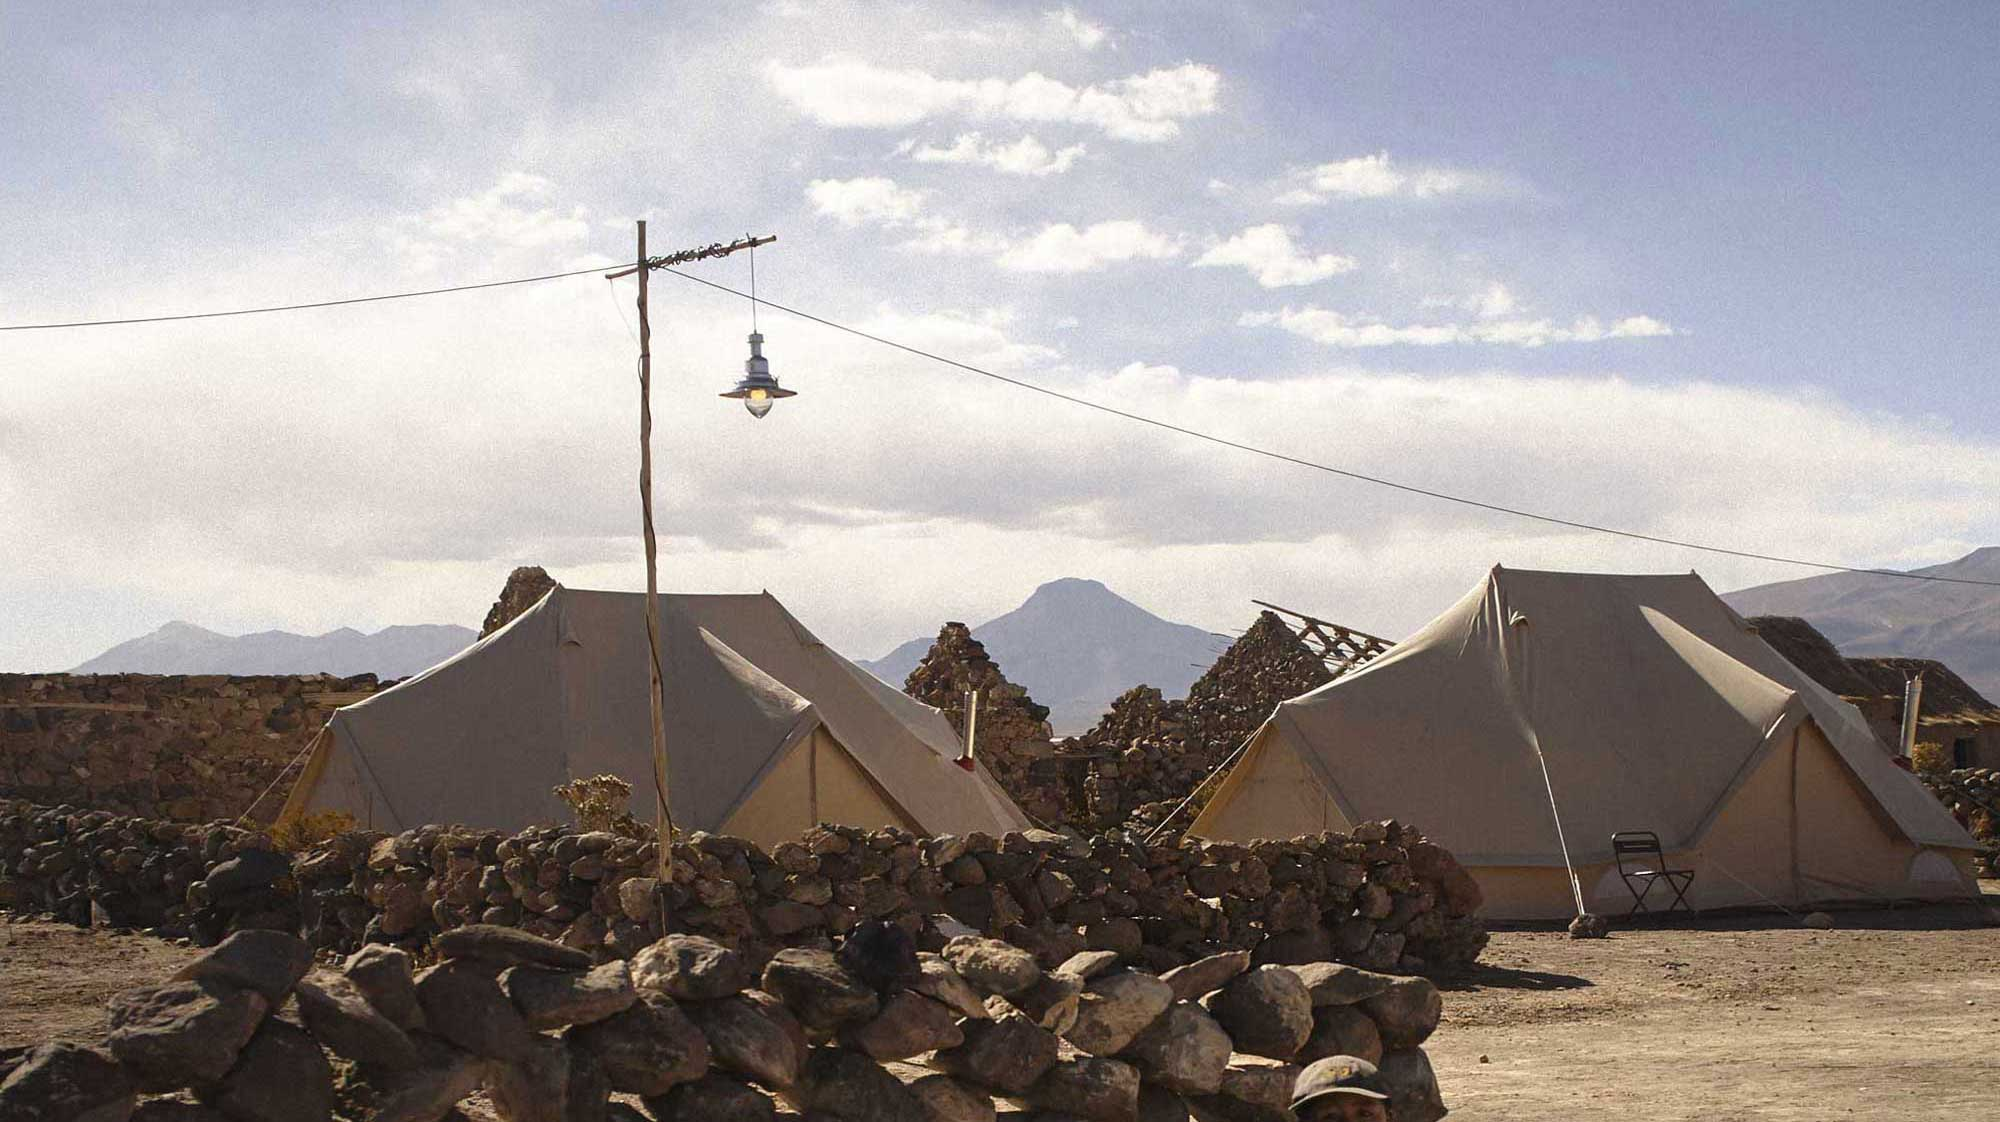 Bolivia camp